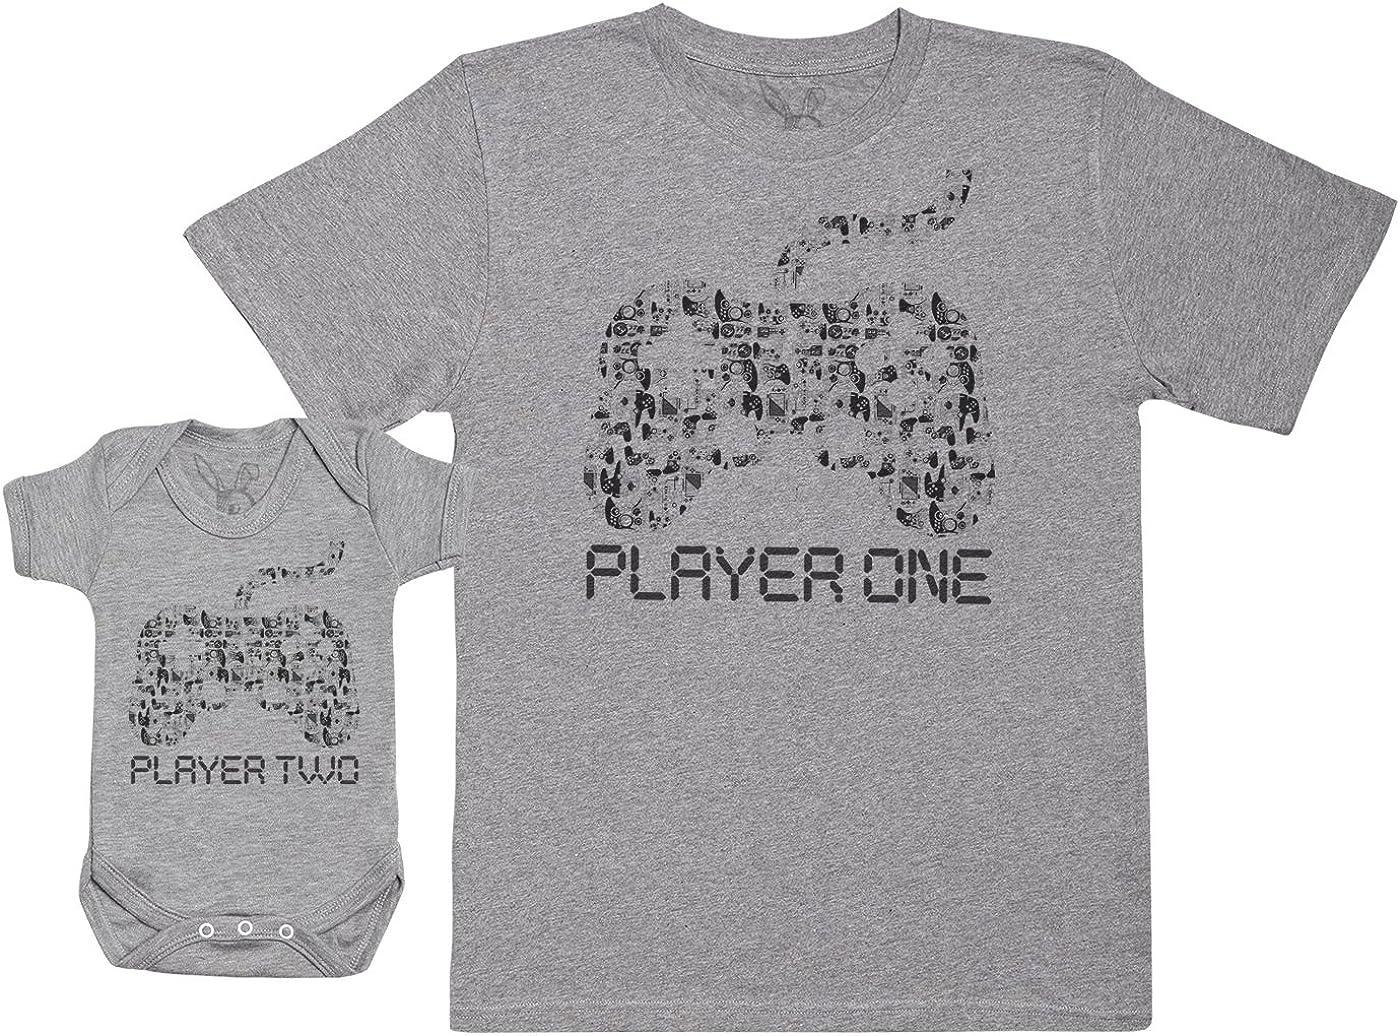 Baby Bunny Player One & Player Two - Regalo para Padres y bebés en un Cuerpo para bebés y una Camiseta de Hombre a Juego